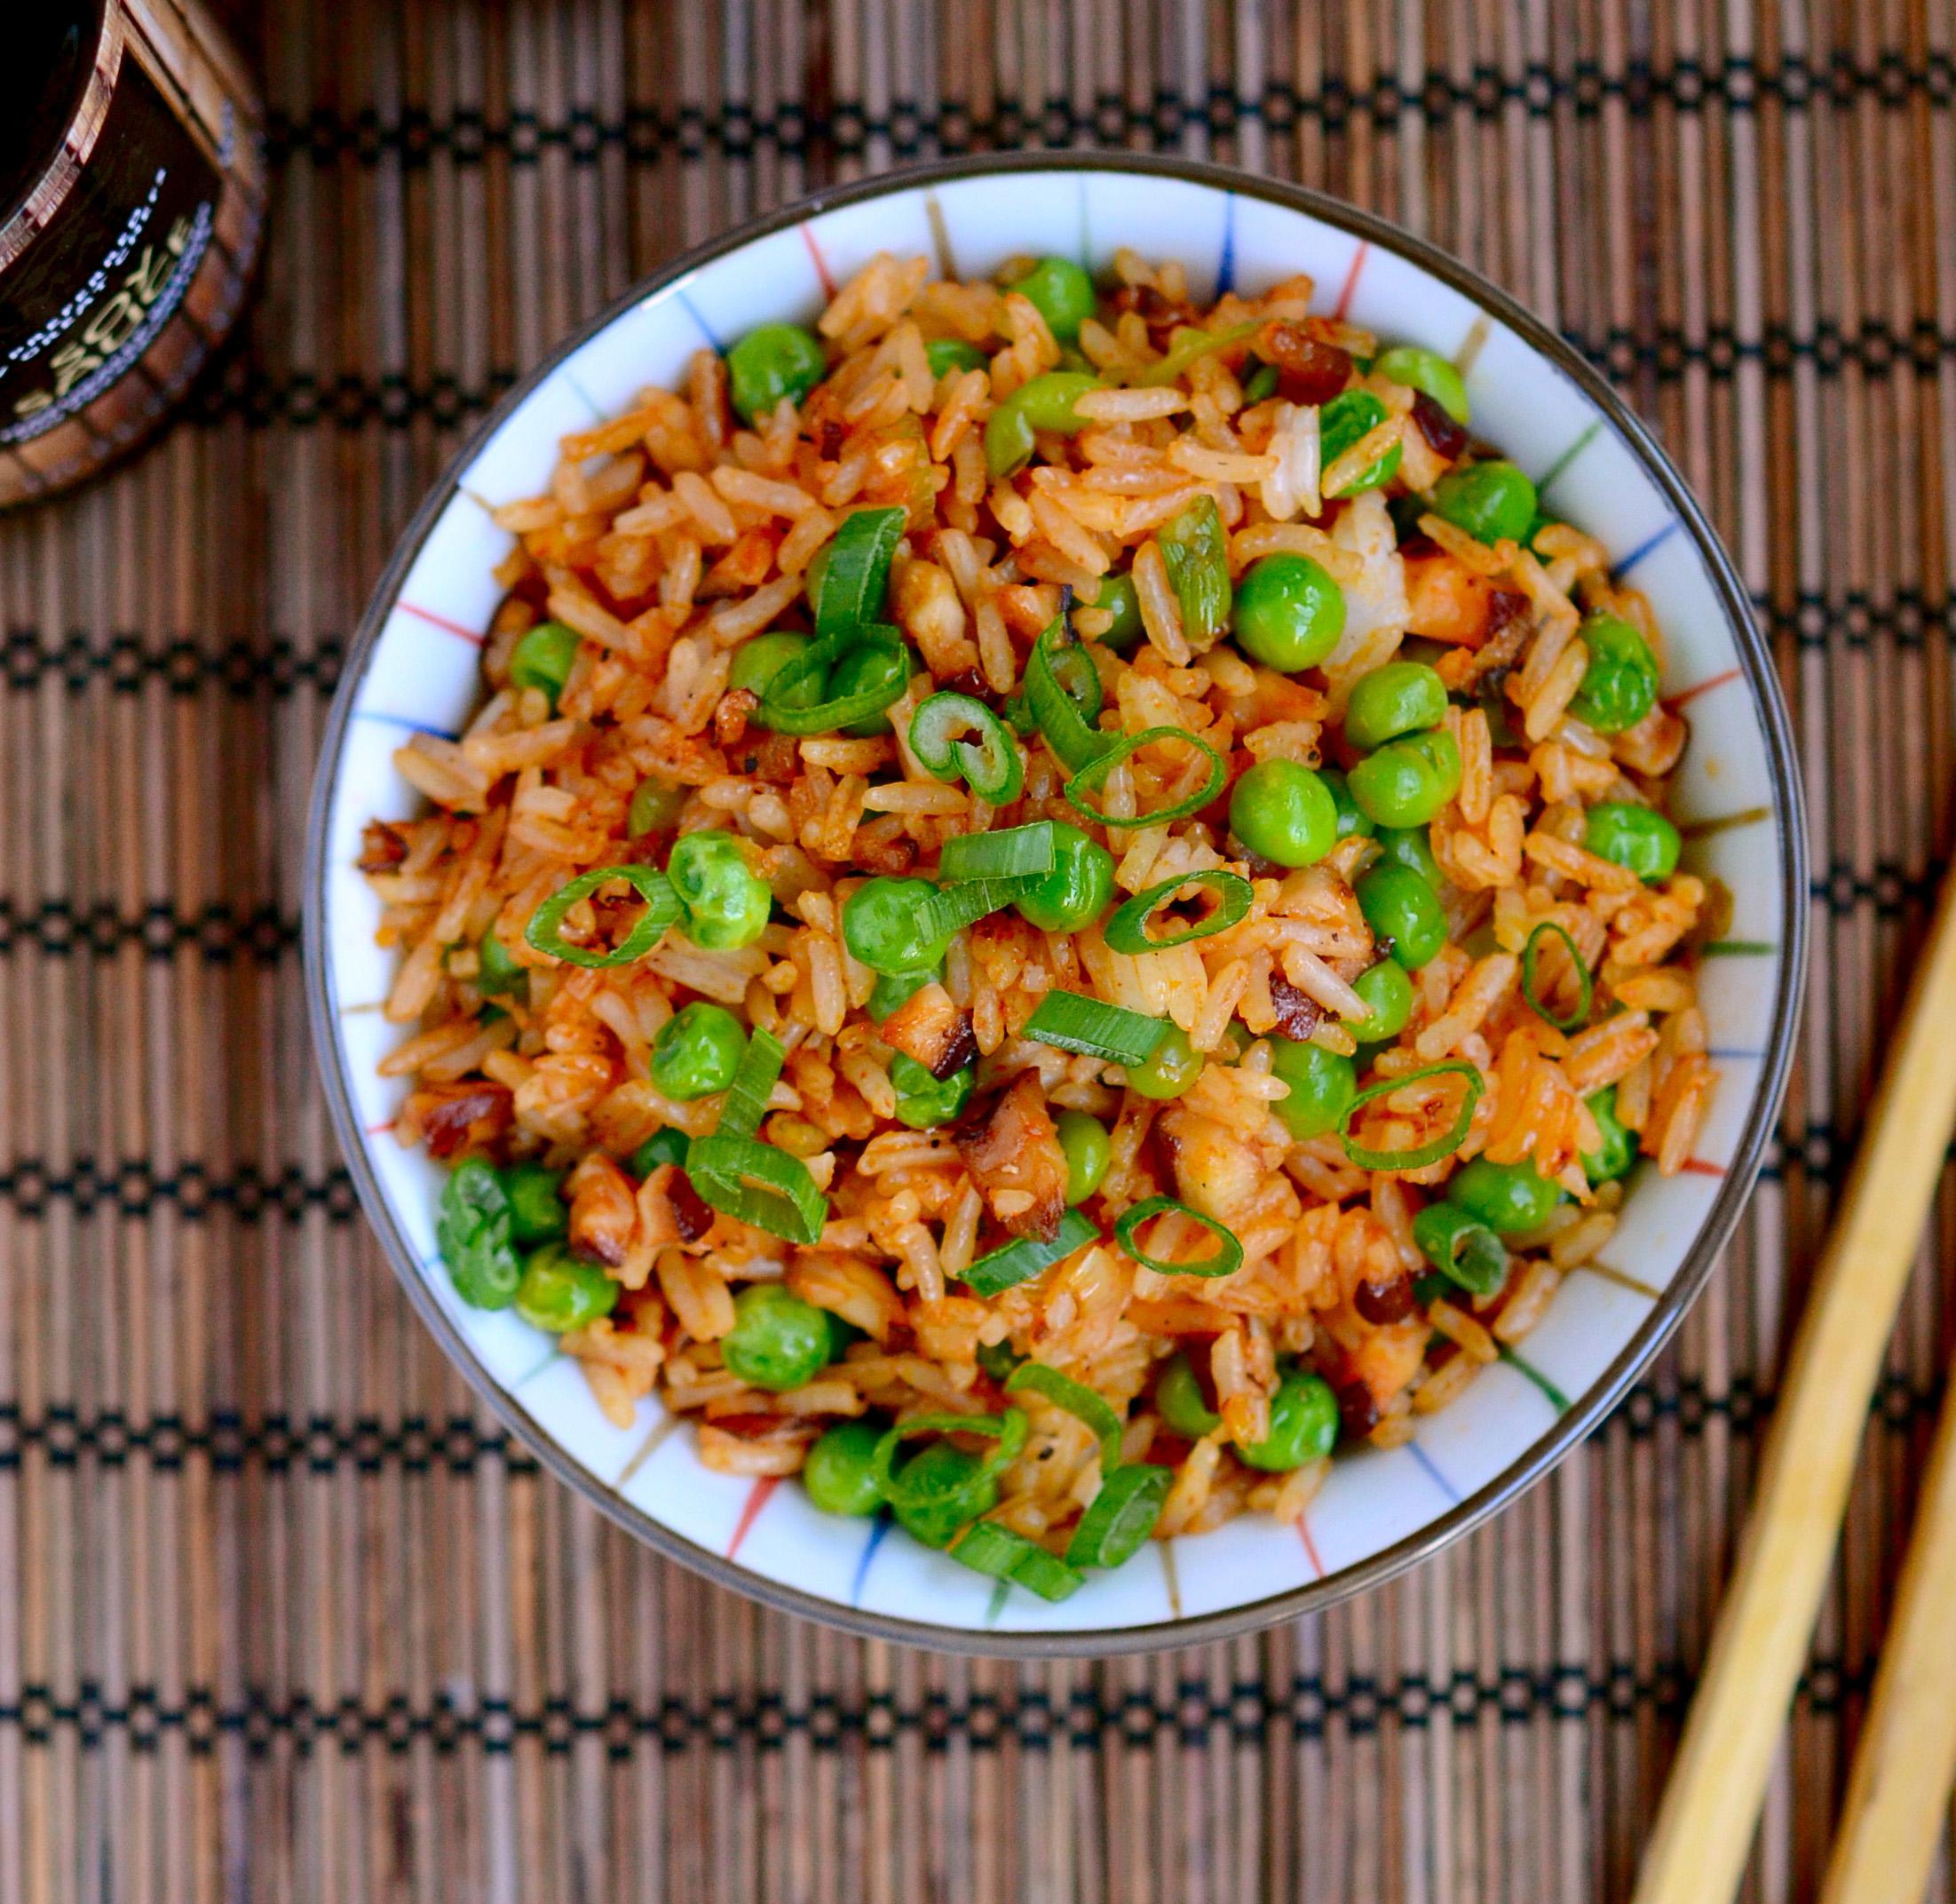 sriracha-fried-rice-5.jpg